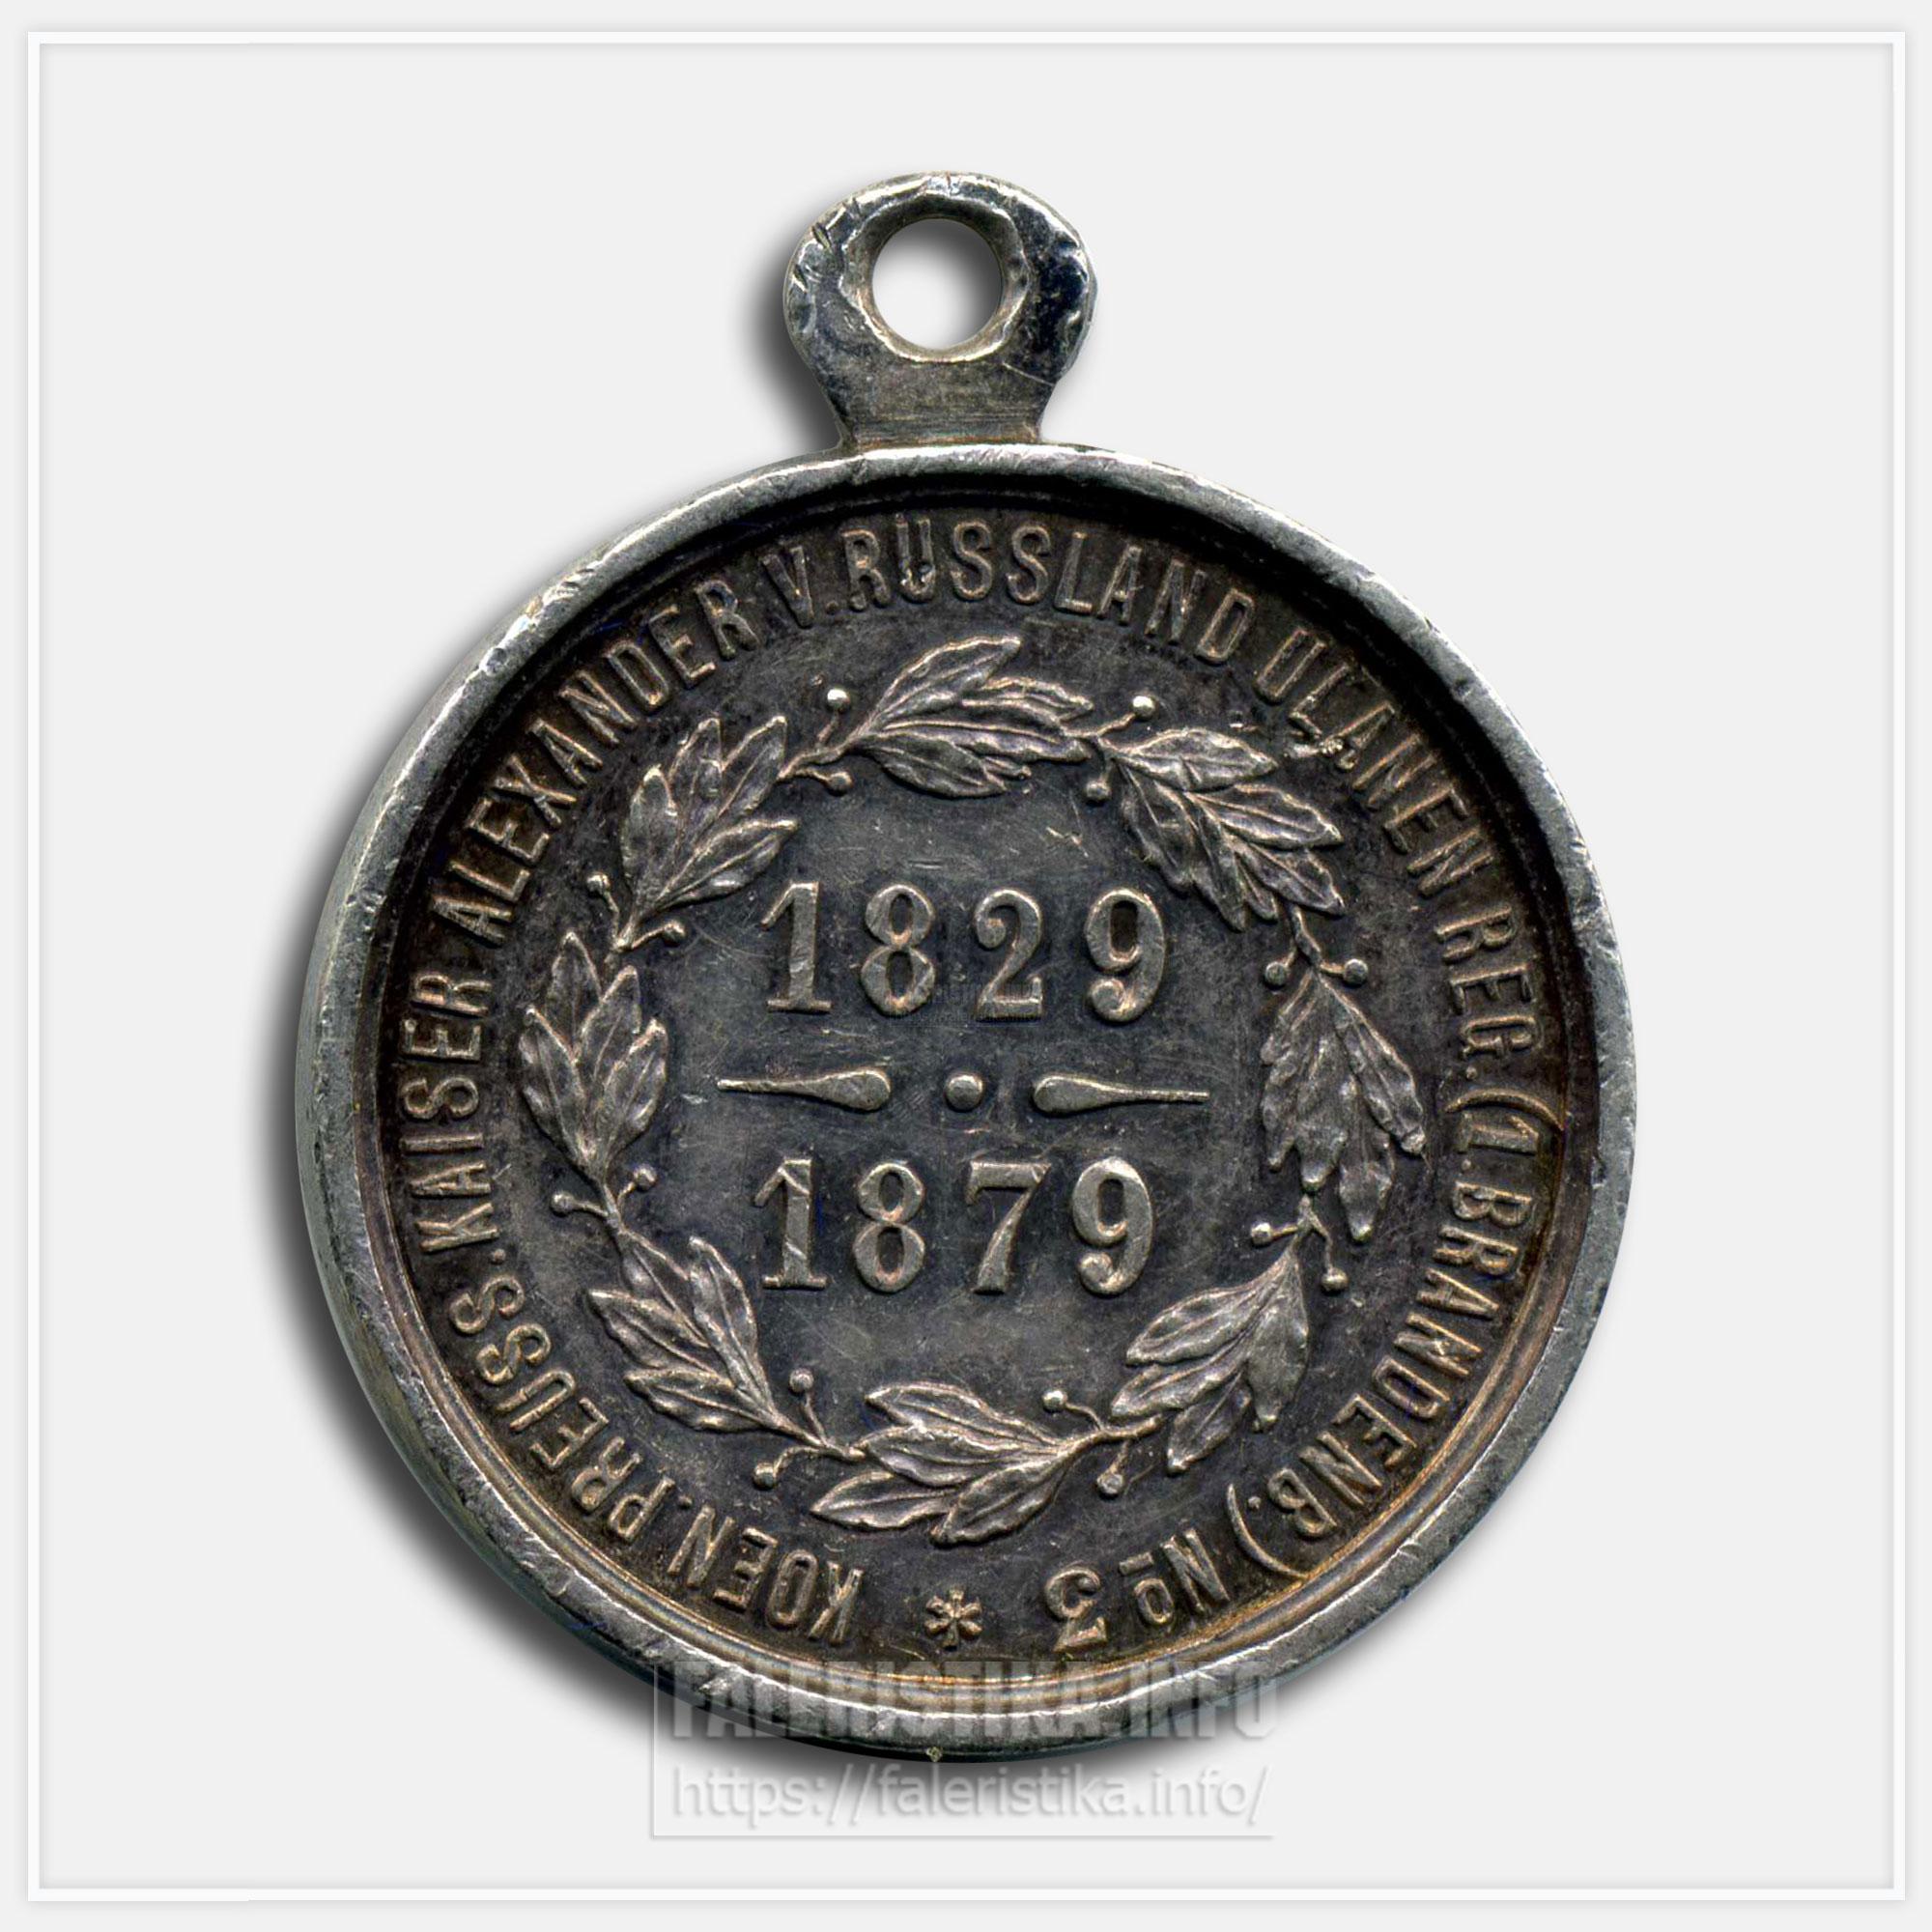 """Медаль """"В память 50-летия шефства императора Александра II над Прусским уланским полком"""" 1879"""